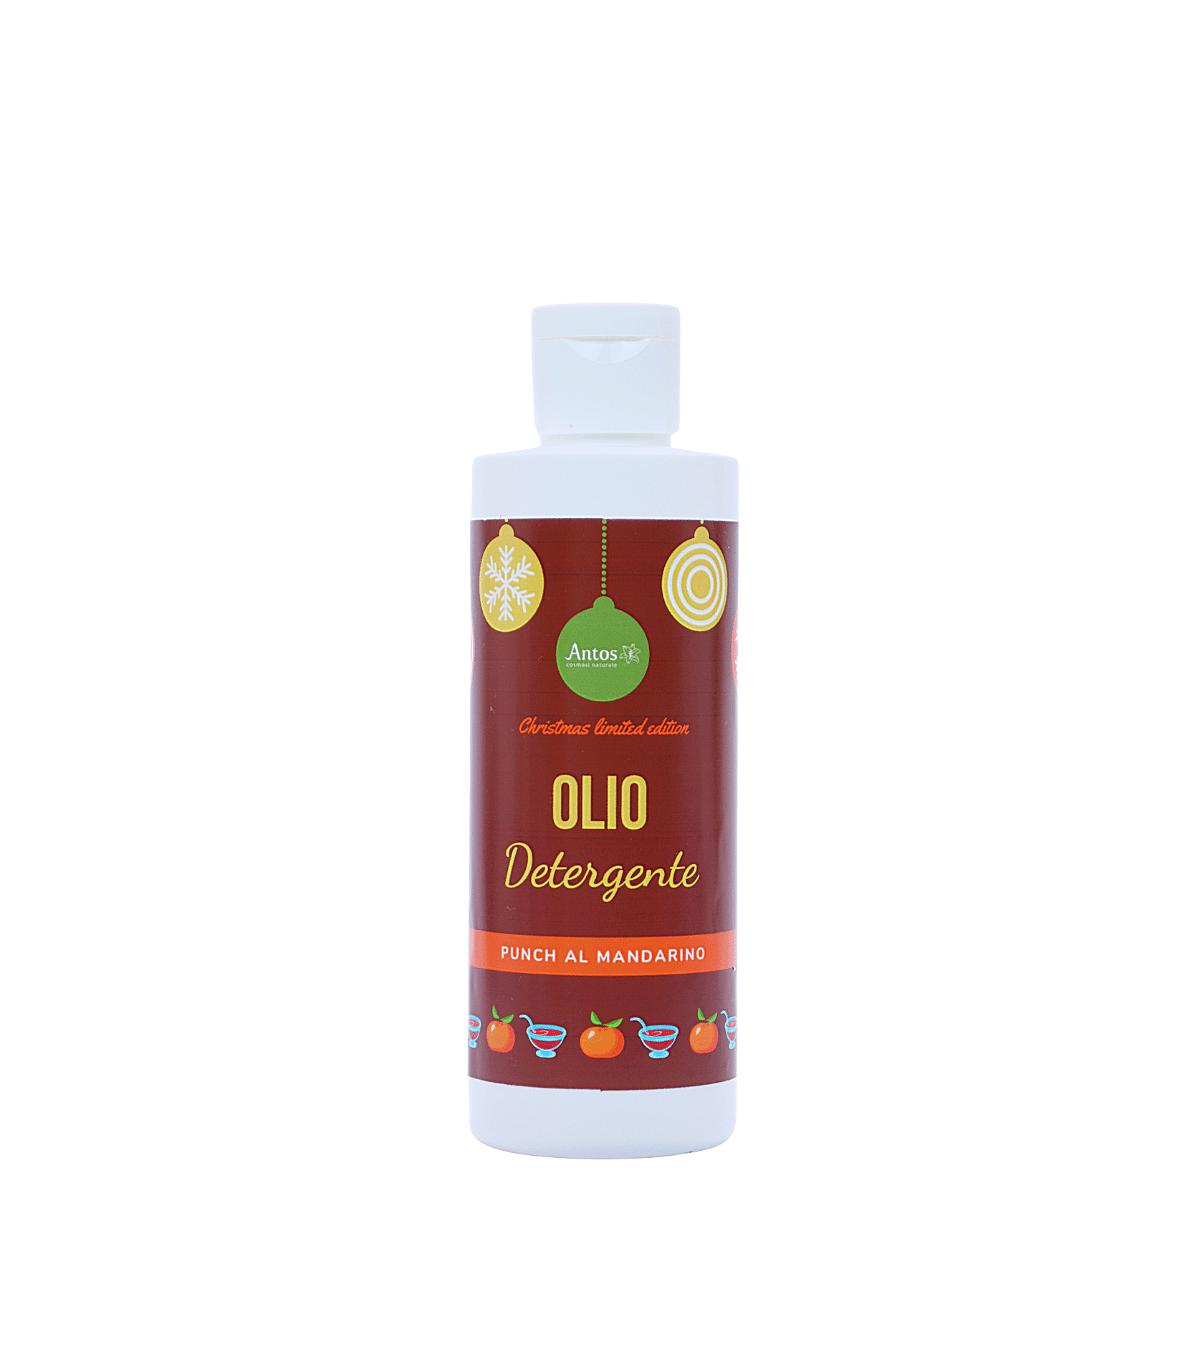 Olio detergente punch al mandarino